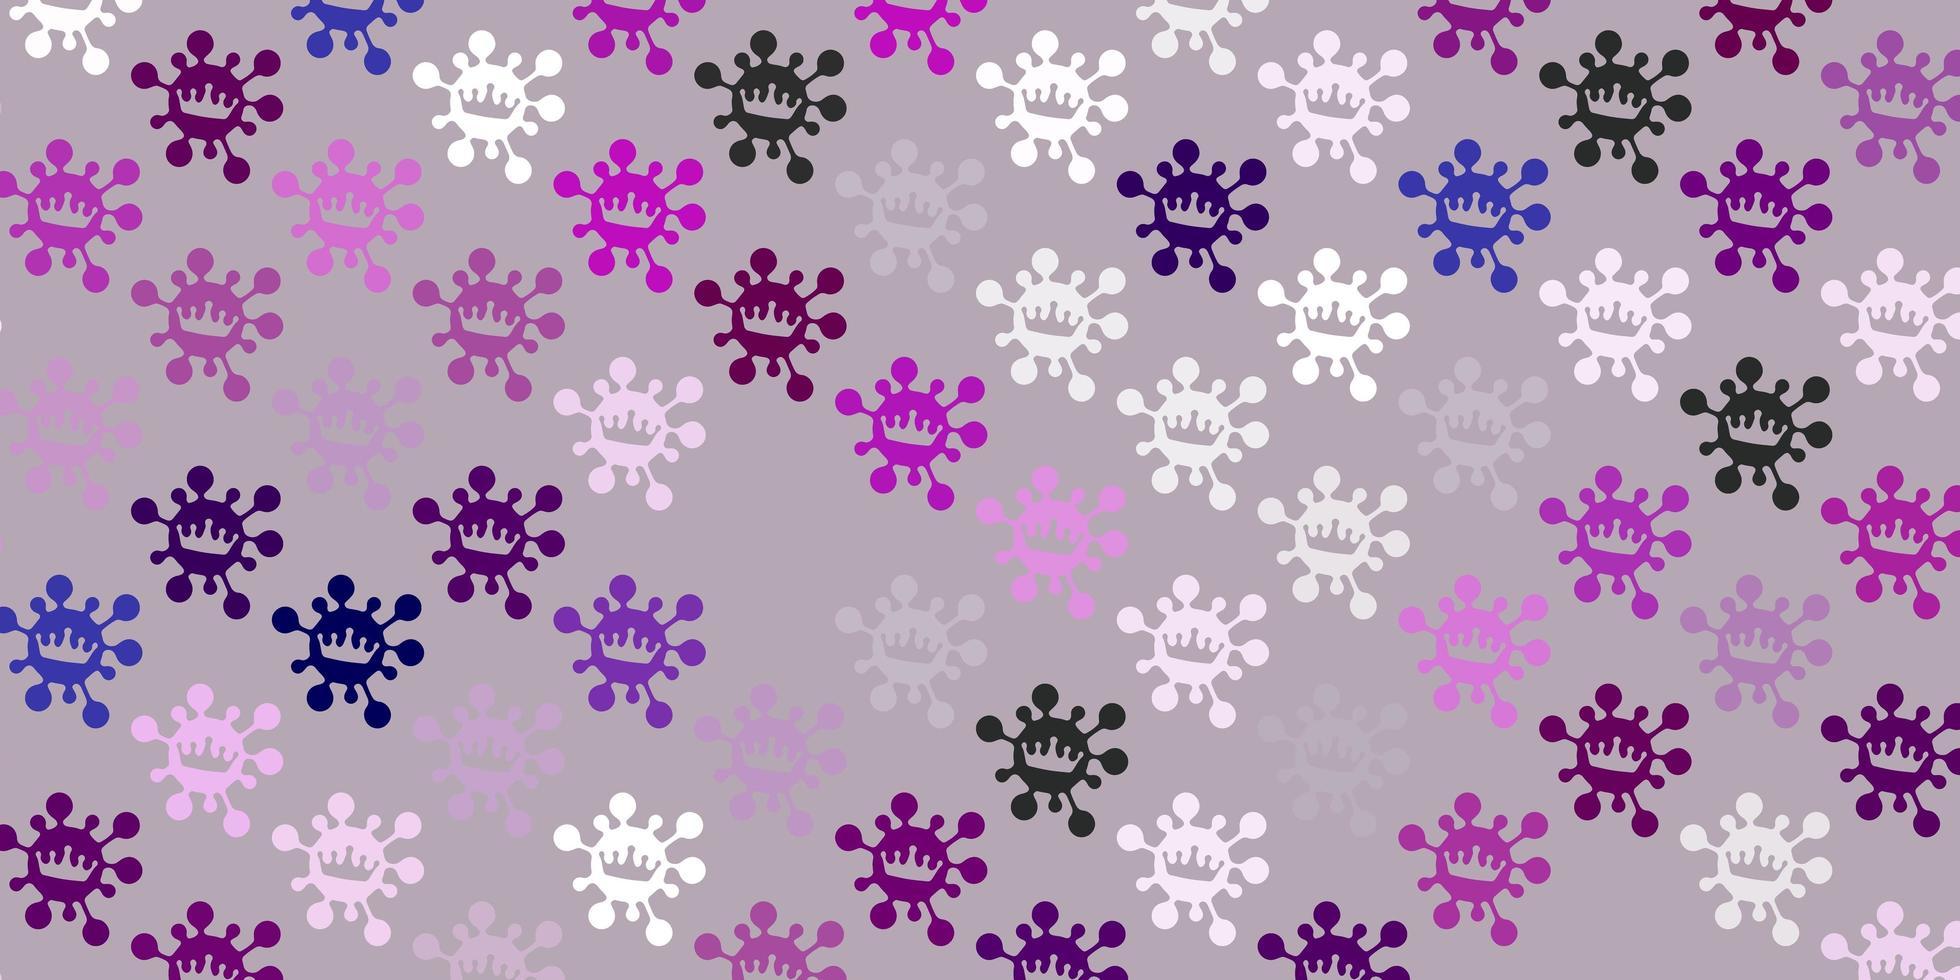 textura de vector púrpura claro con símbolos de enfermedad